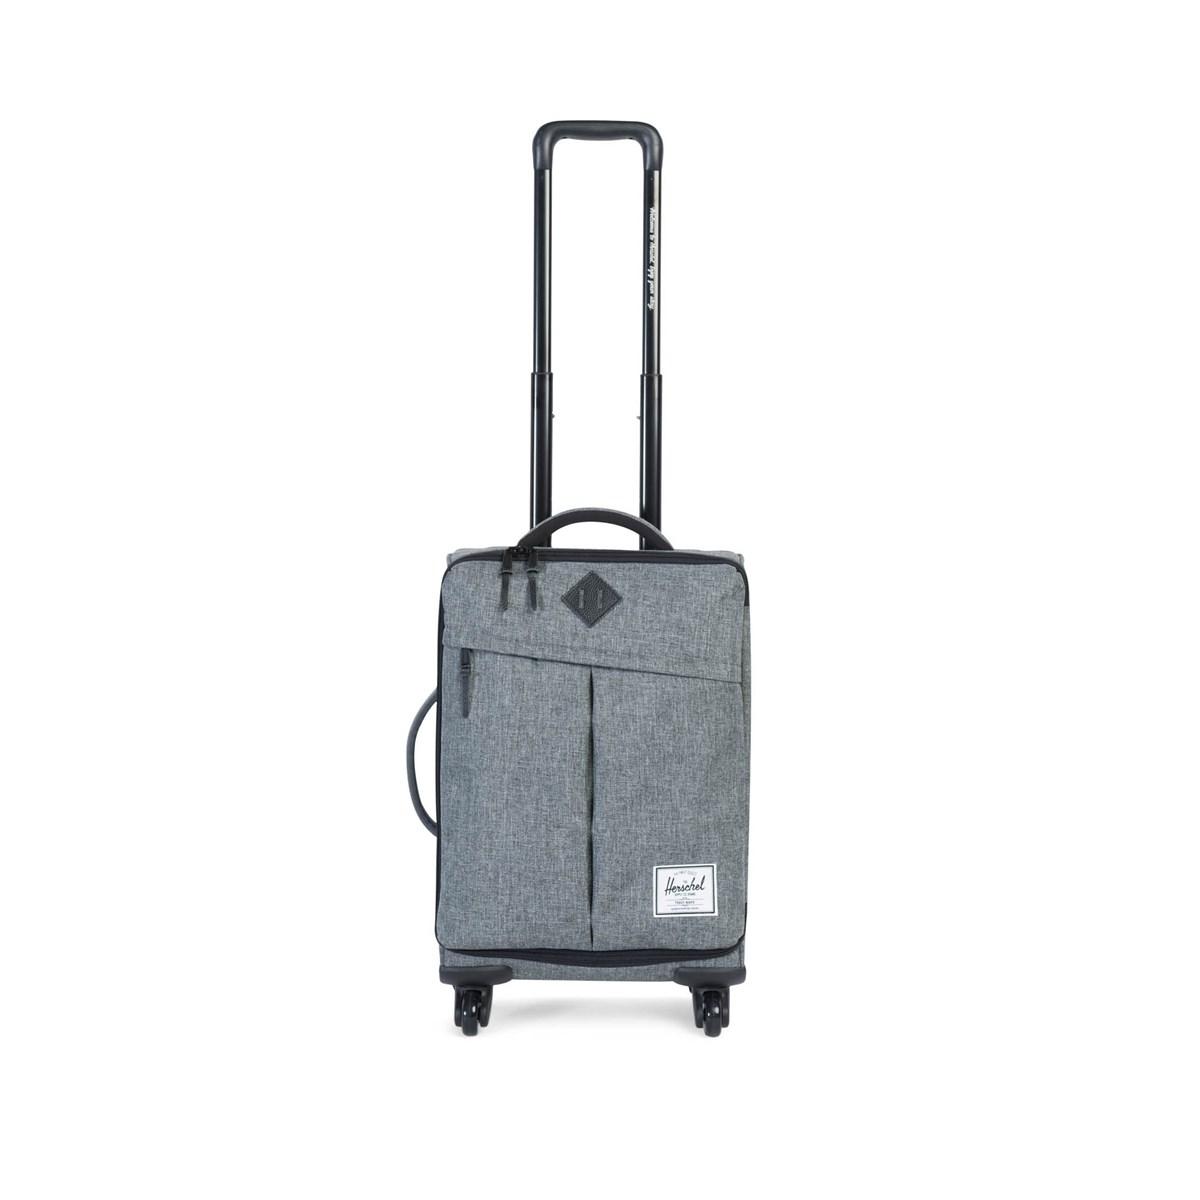 Highland Dark Grey Carry-On Luggage